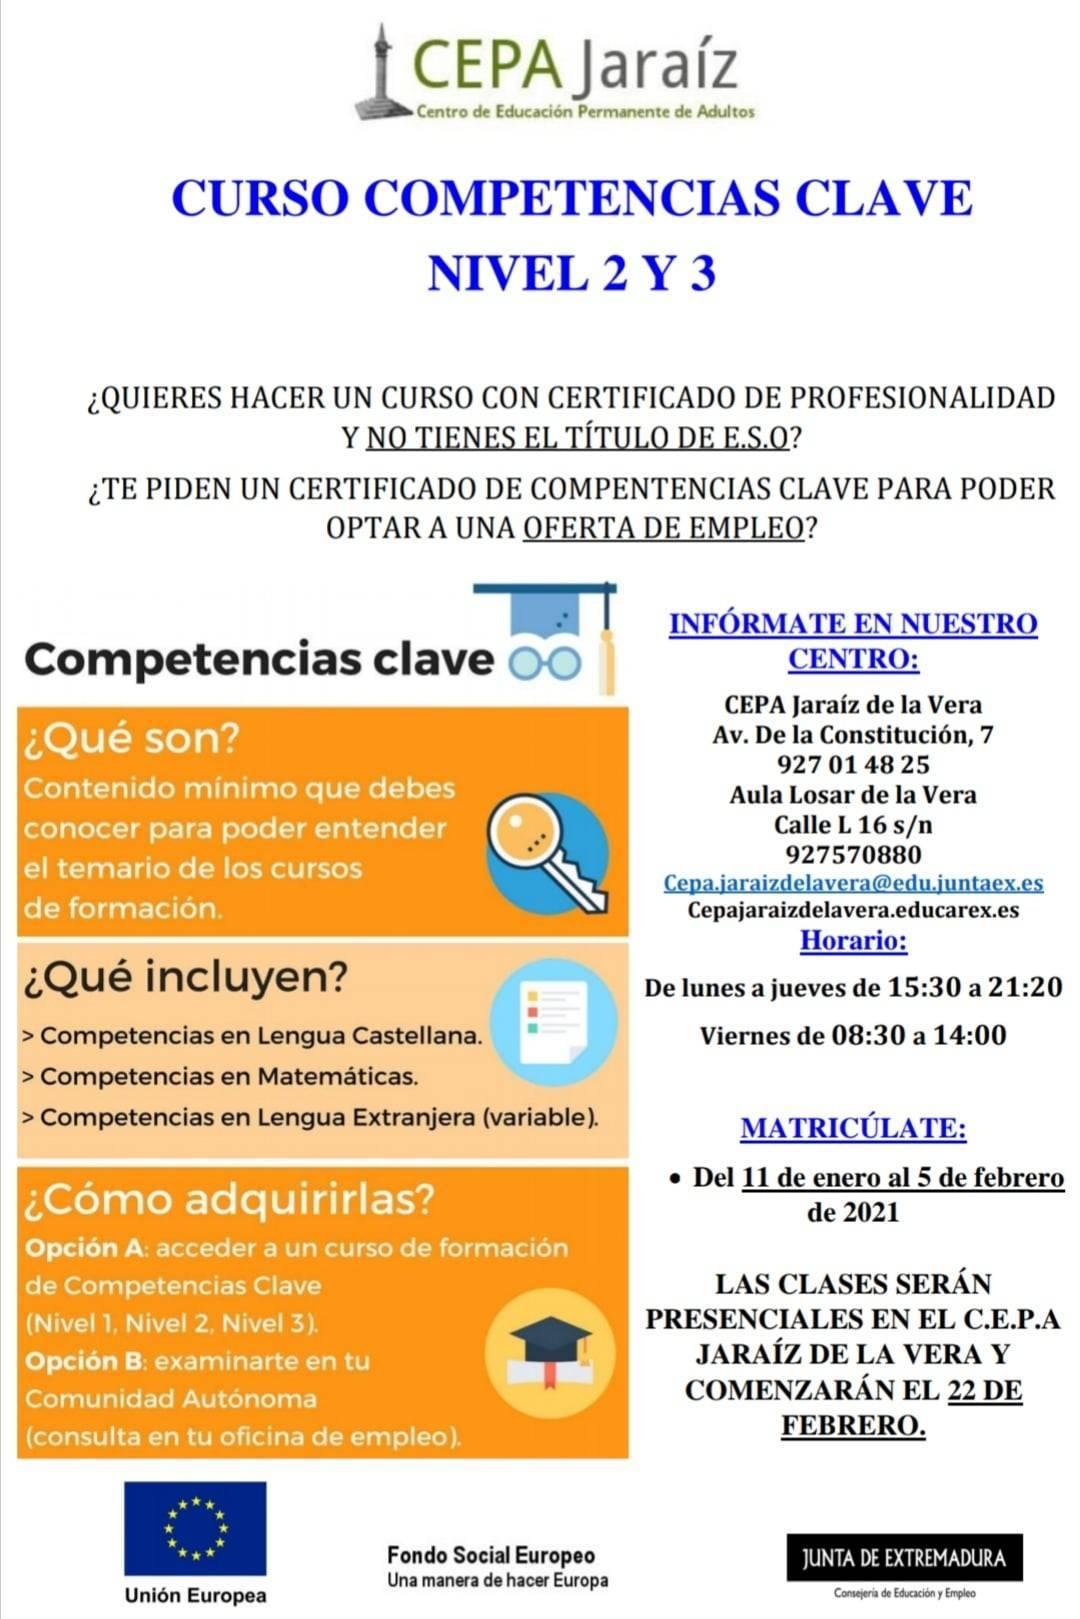 Curso de competencias clave nivel 2 y 3 (2021) - Jaraíz de la Vera (Cáceres)